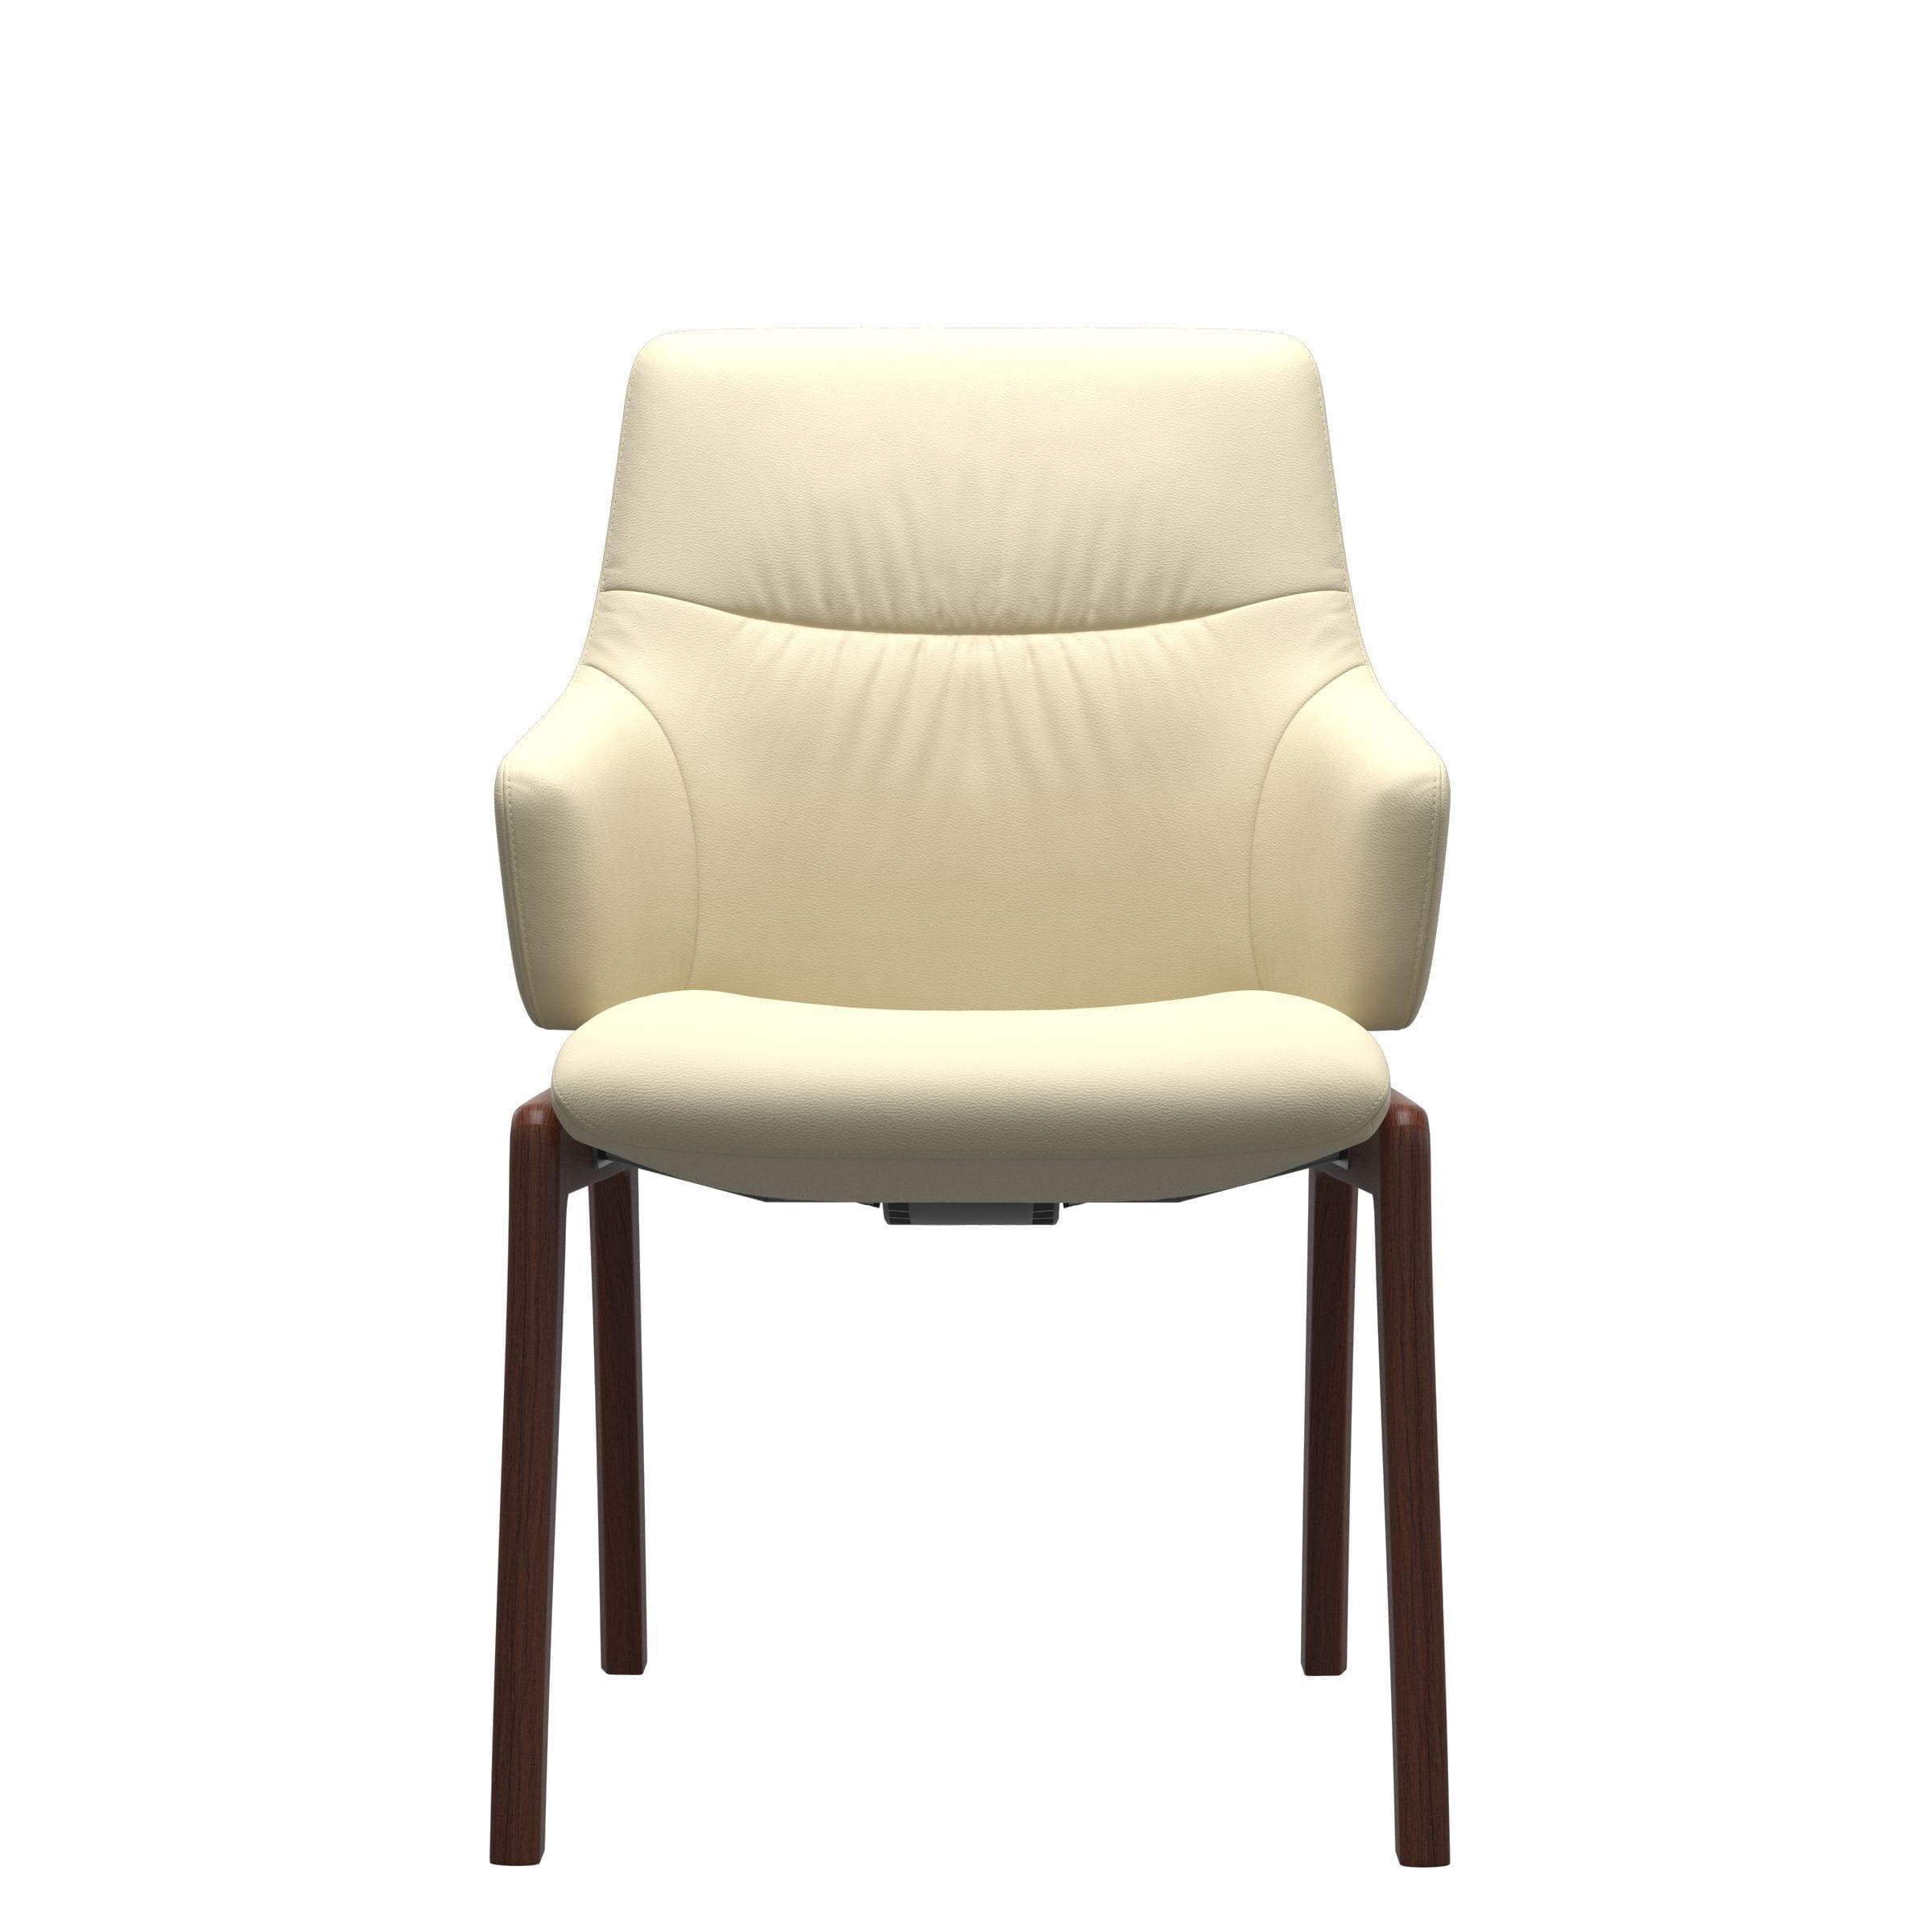 Min Low Back D100 Arm Chair